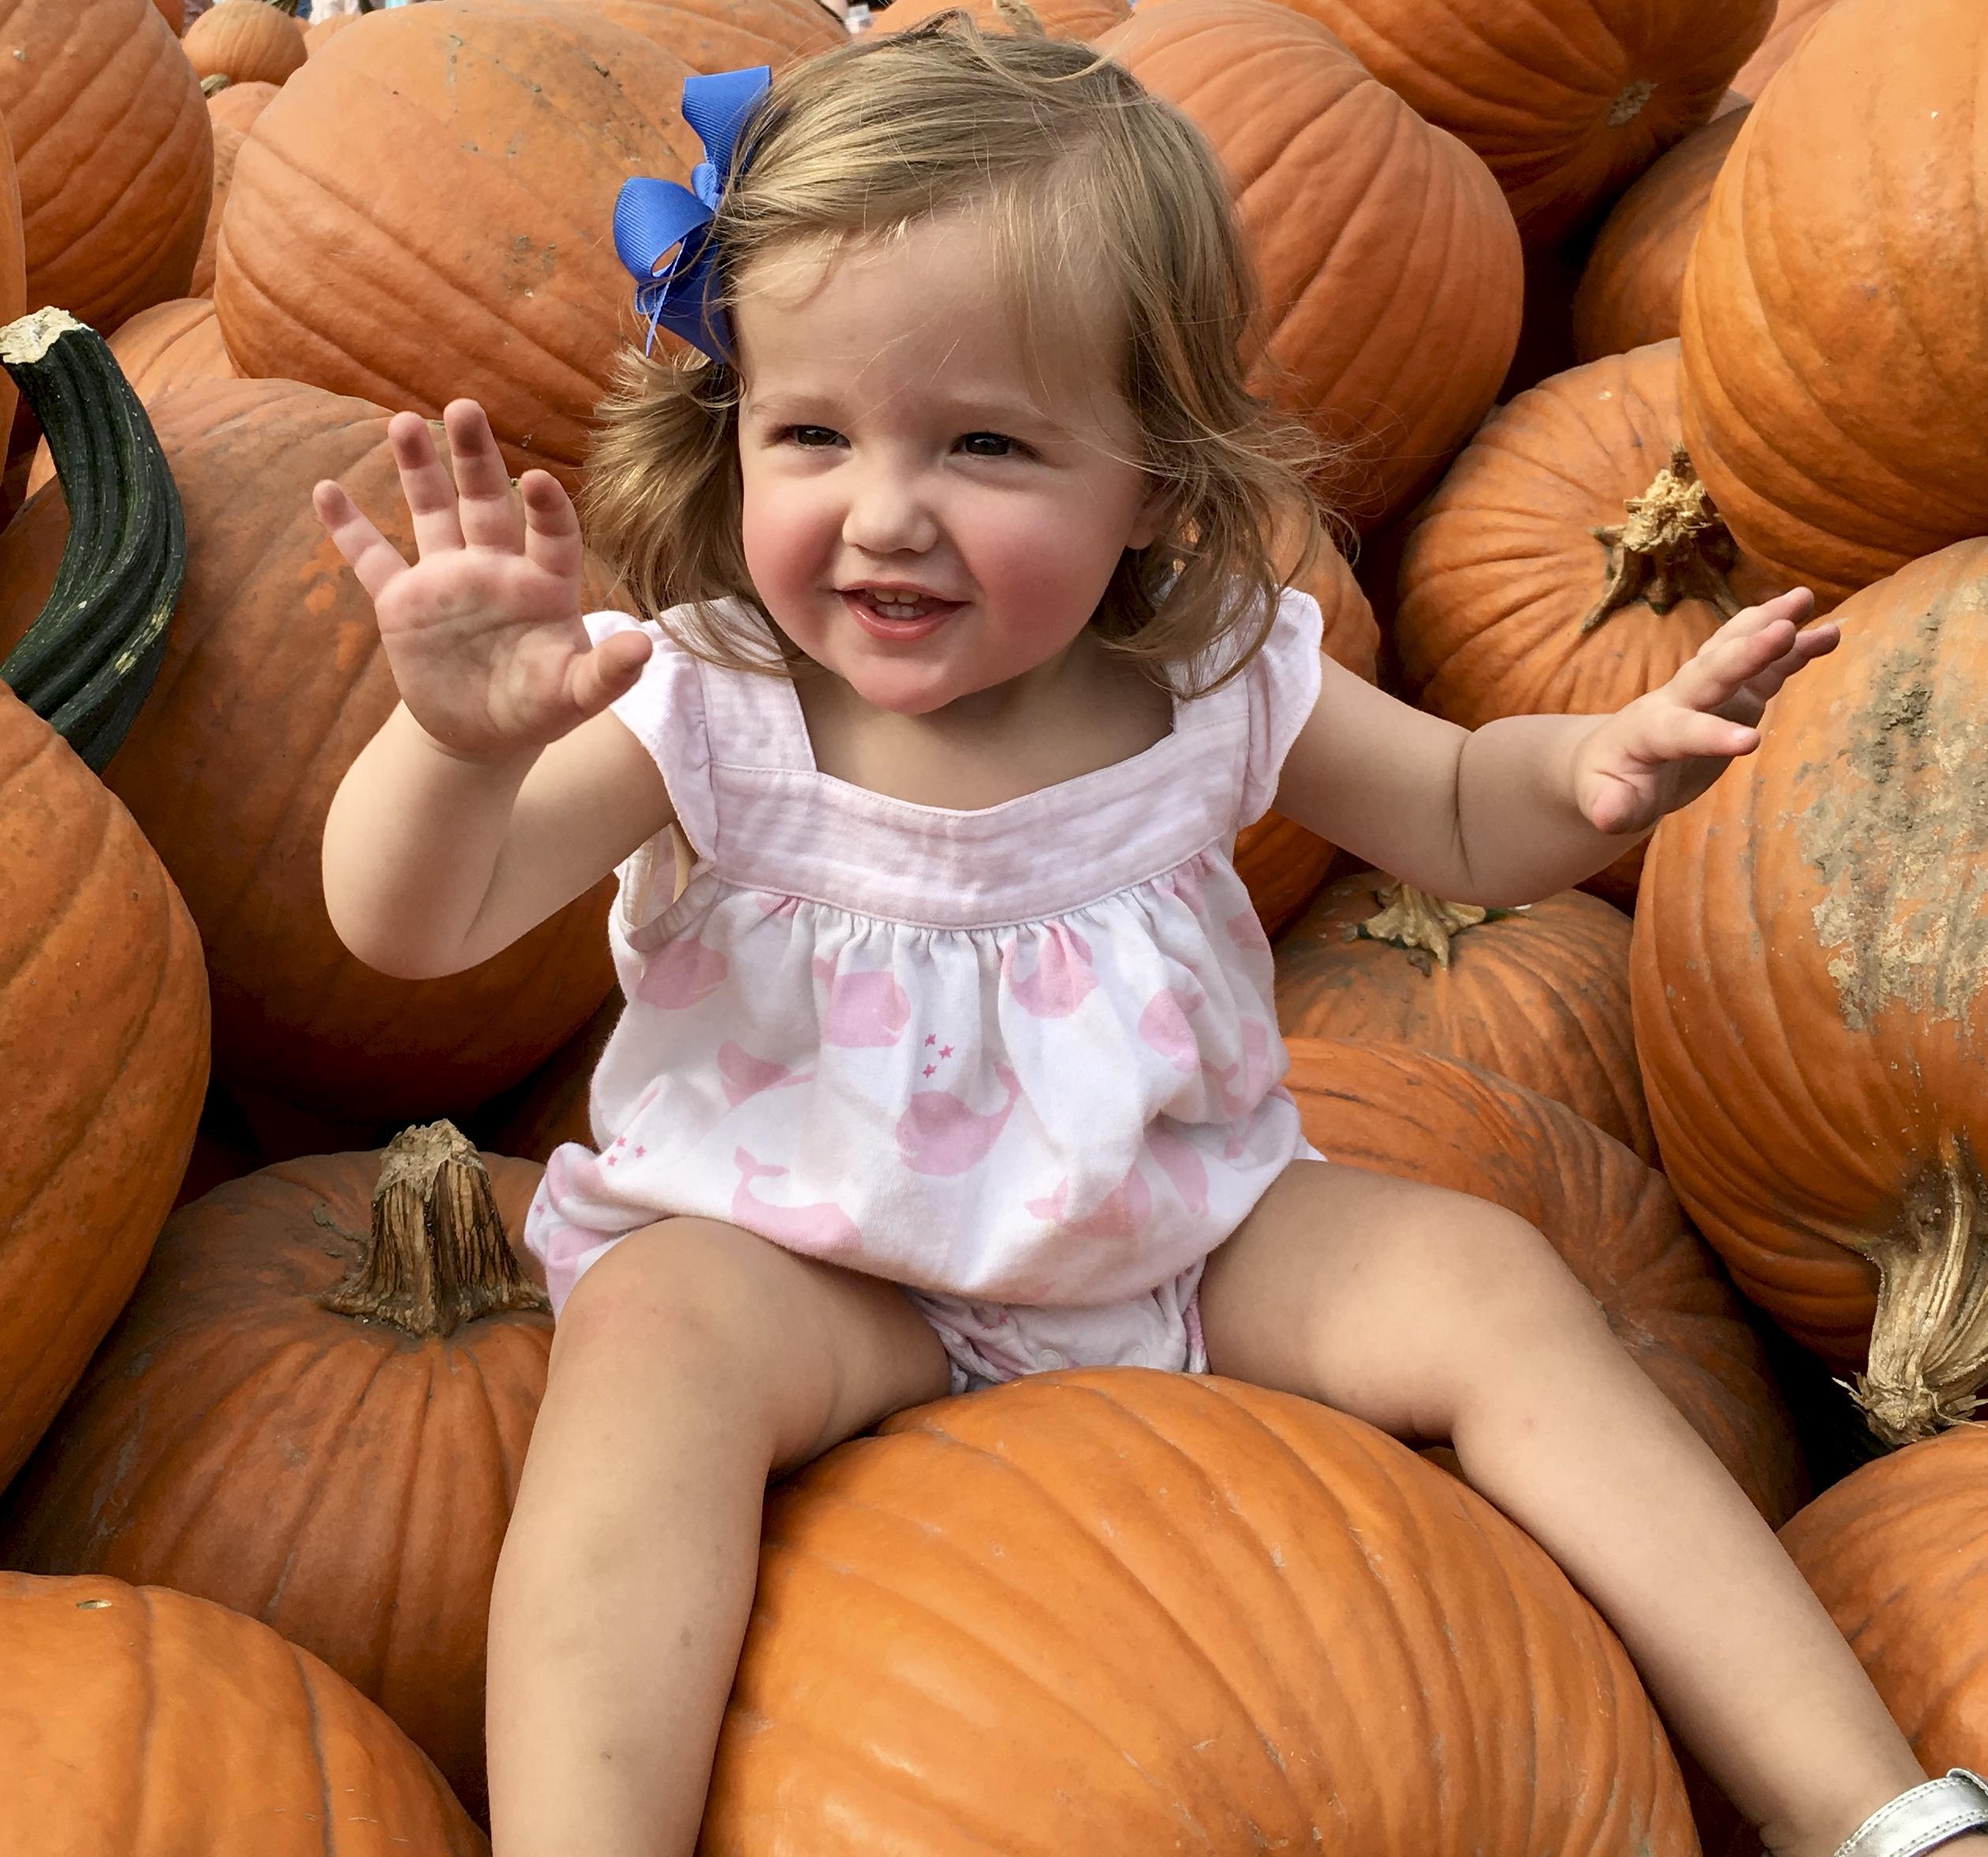 grand daughter in pumpkin patch